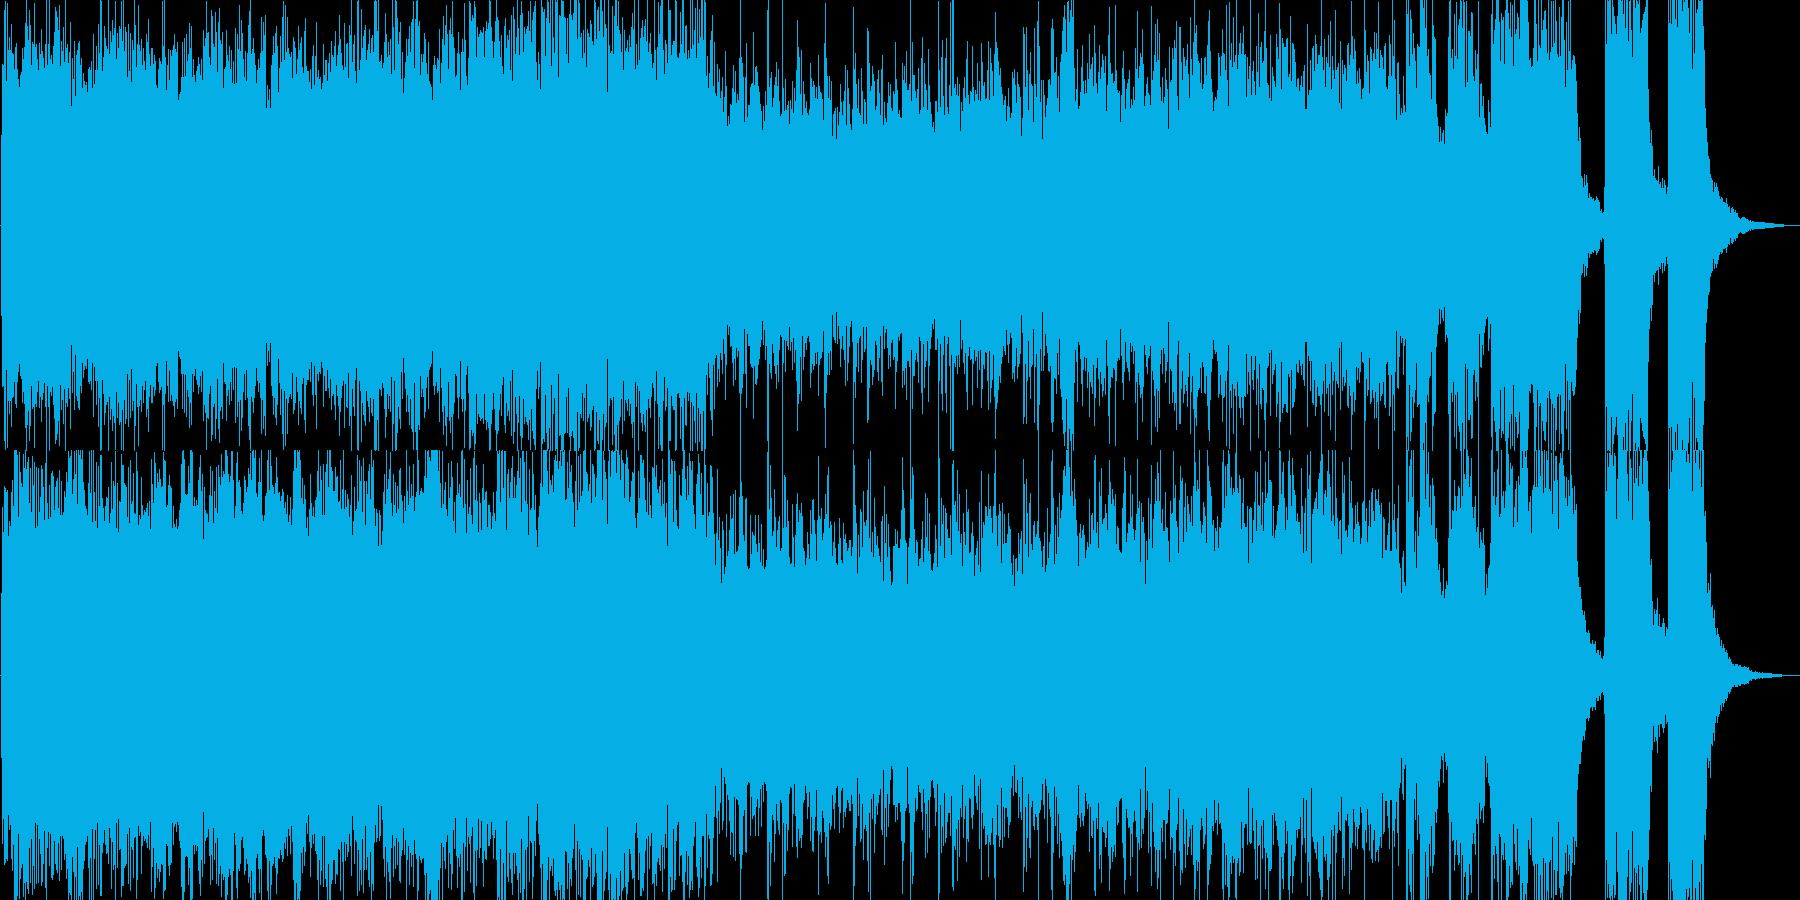 楽しいハロウィンの始まりを描いたBGMの再生済みの波形